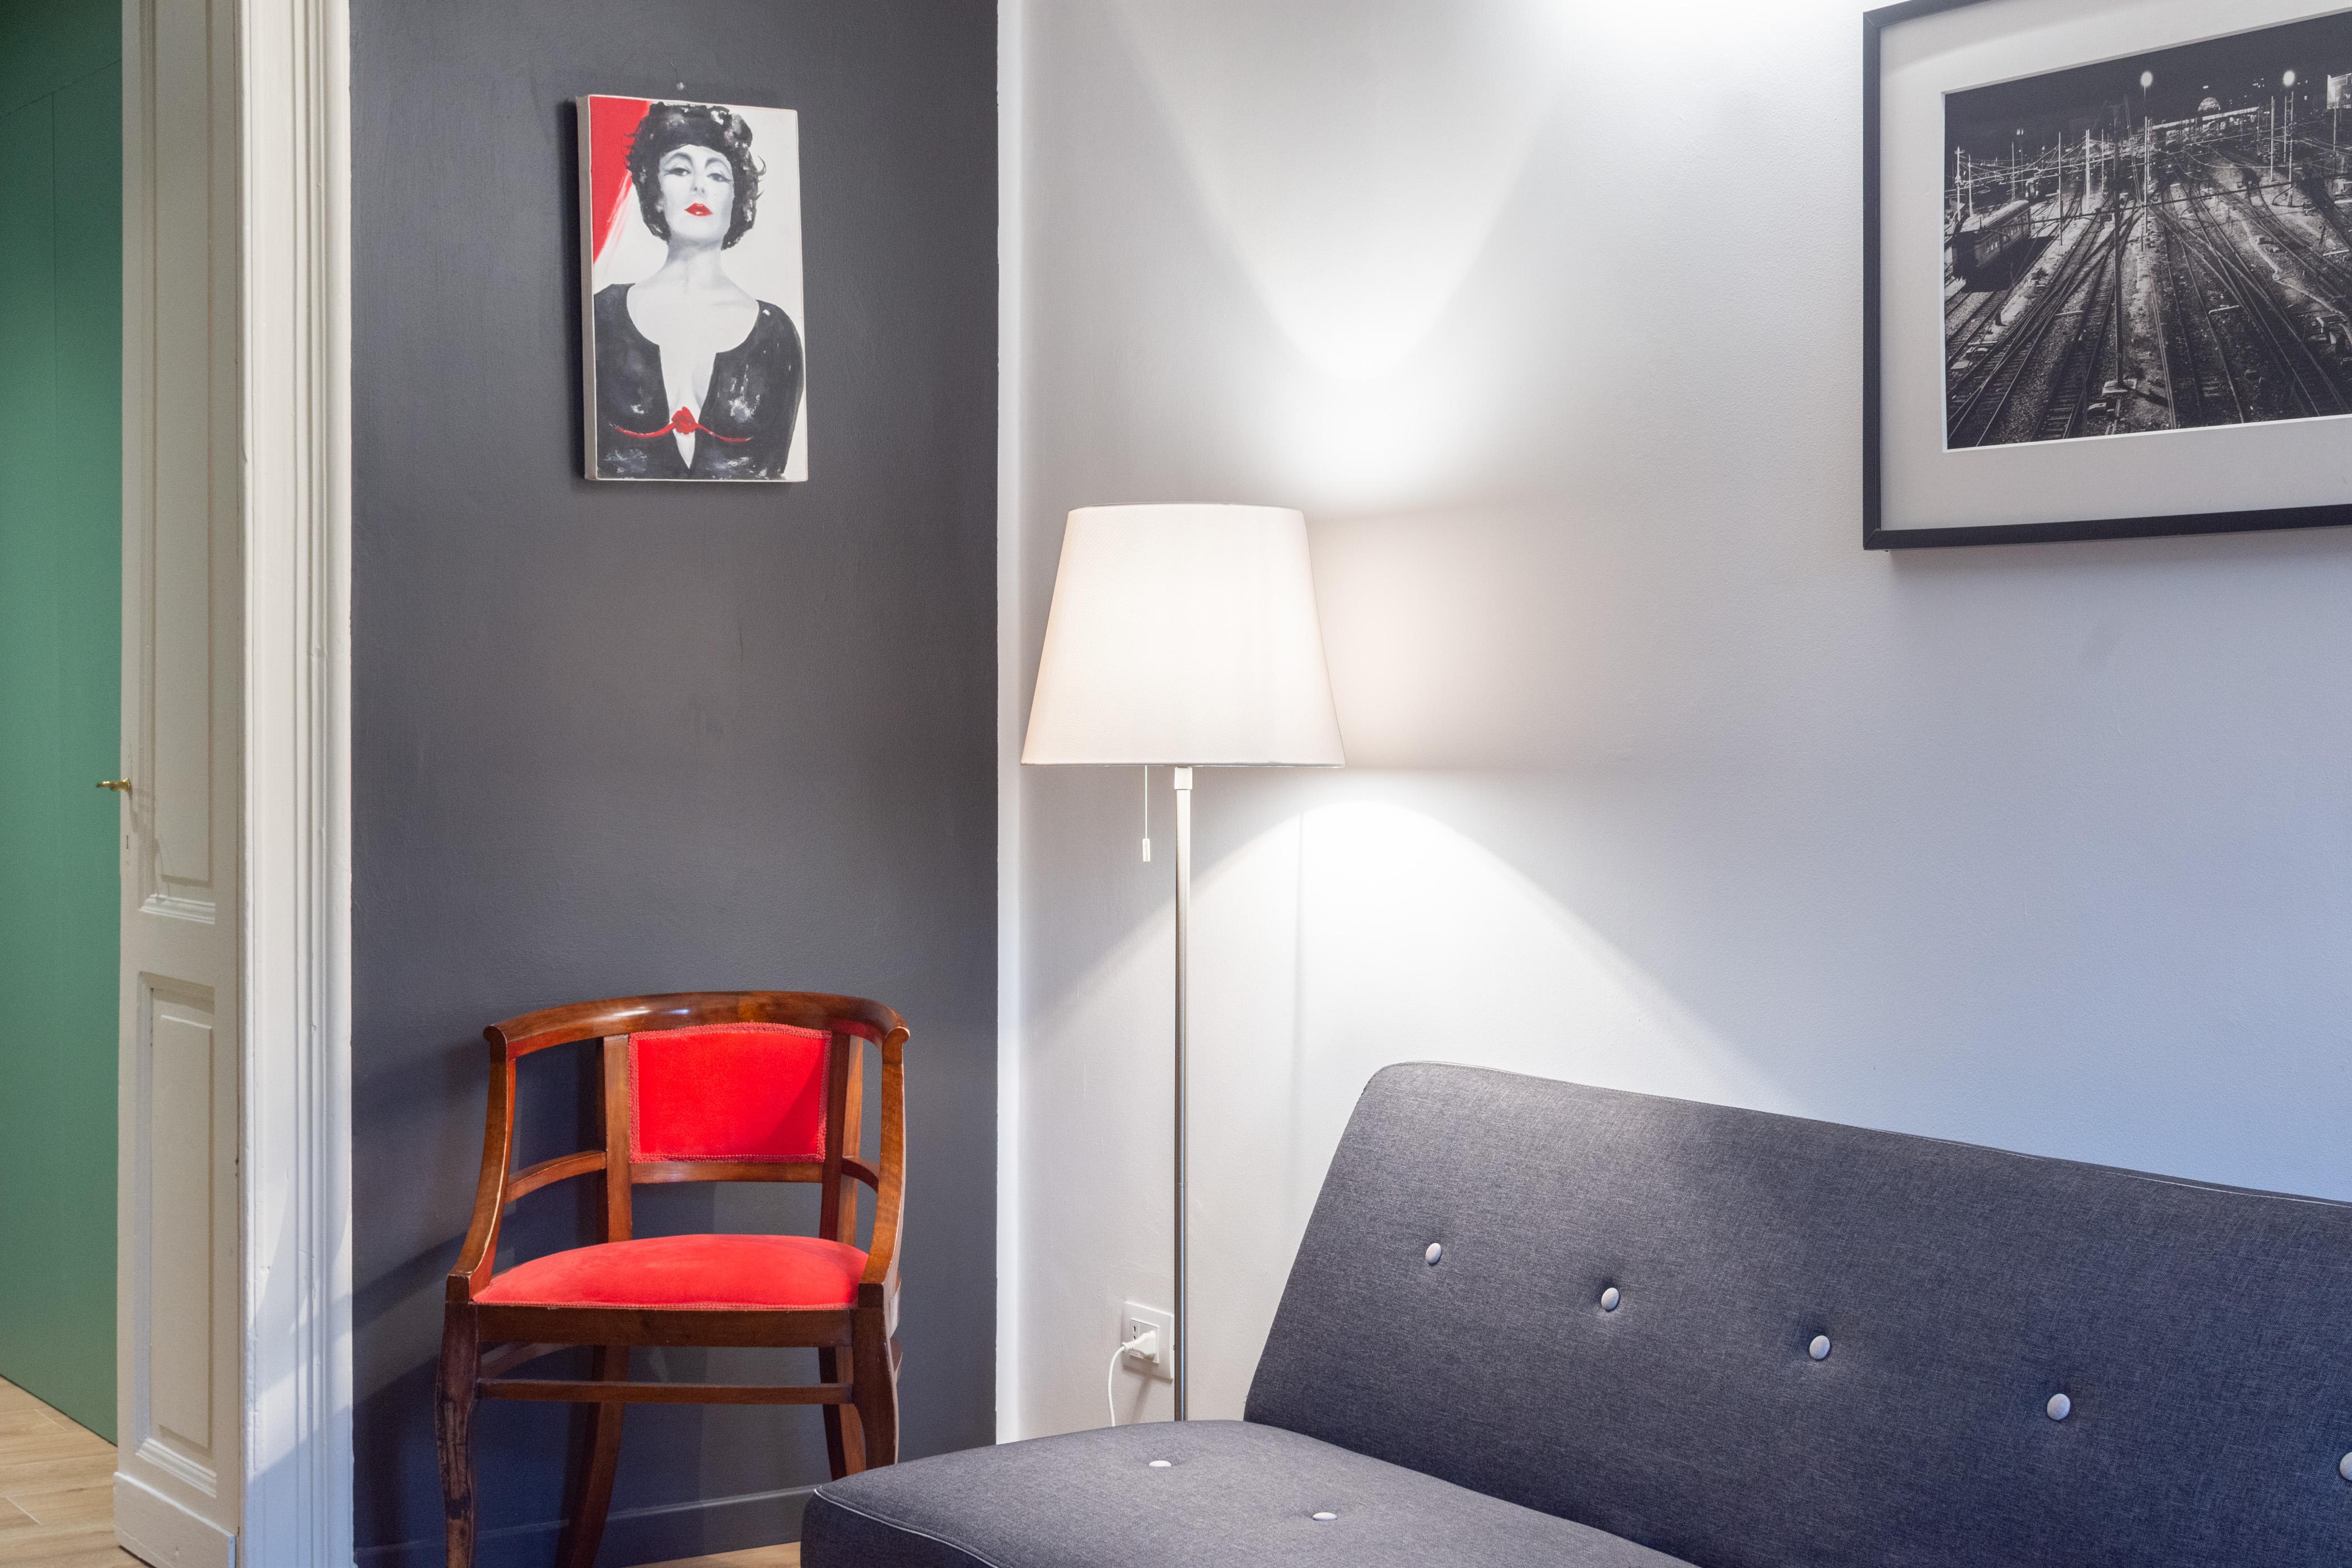 Negozi Biancheria Casa Torino casa refil - flats for rent in torino, piemonte, italy